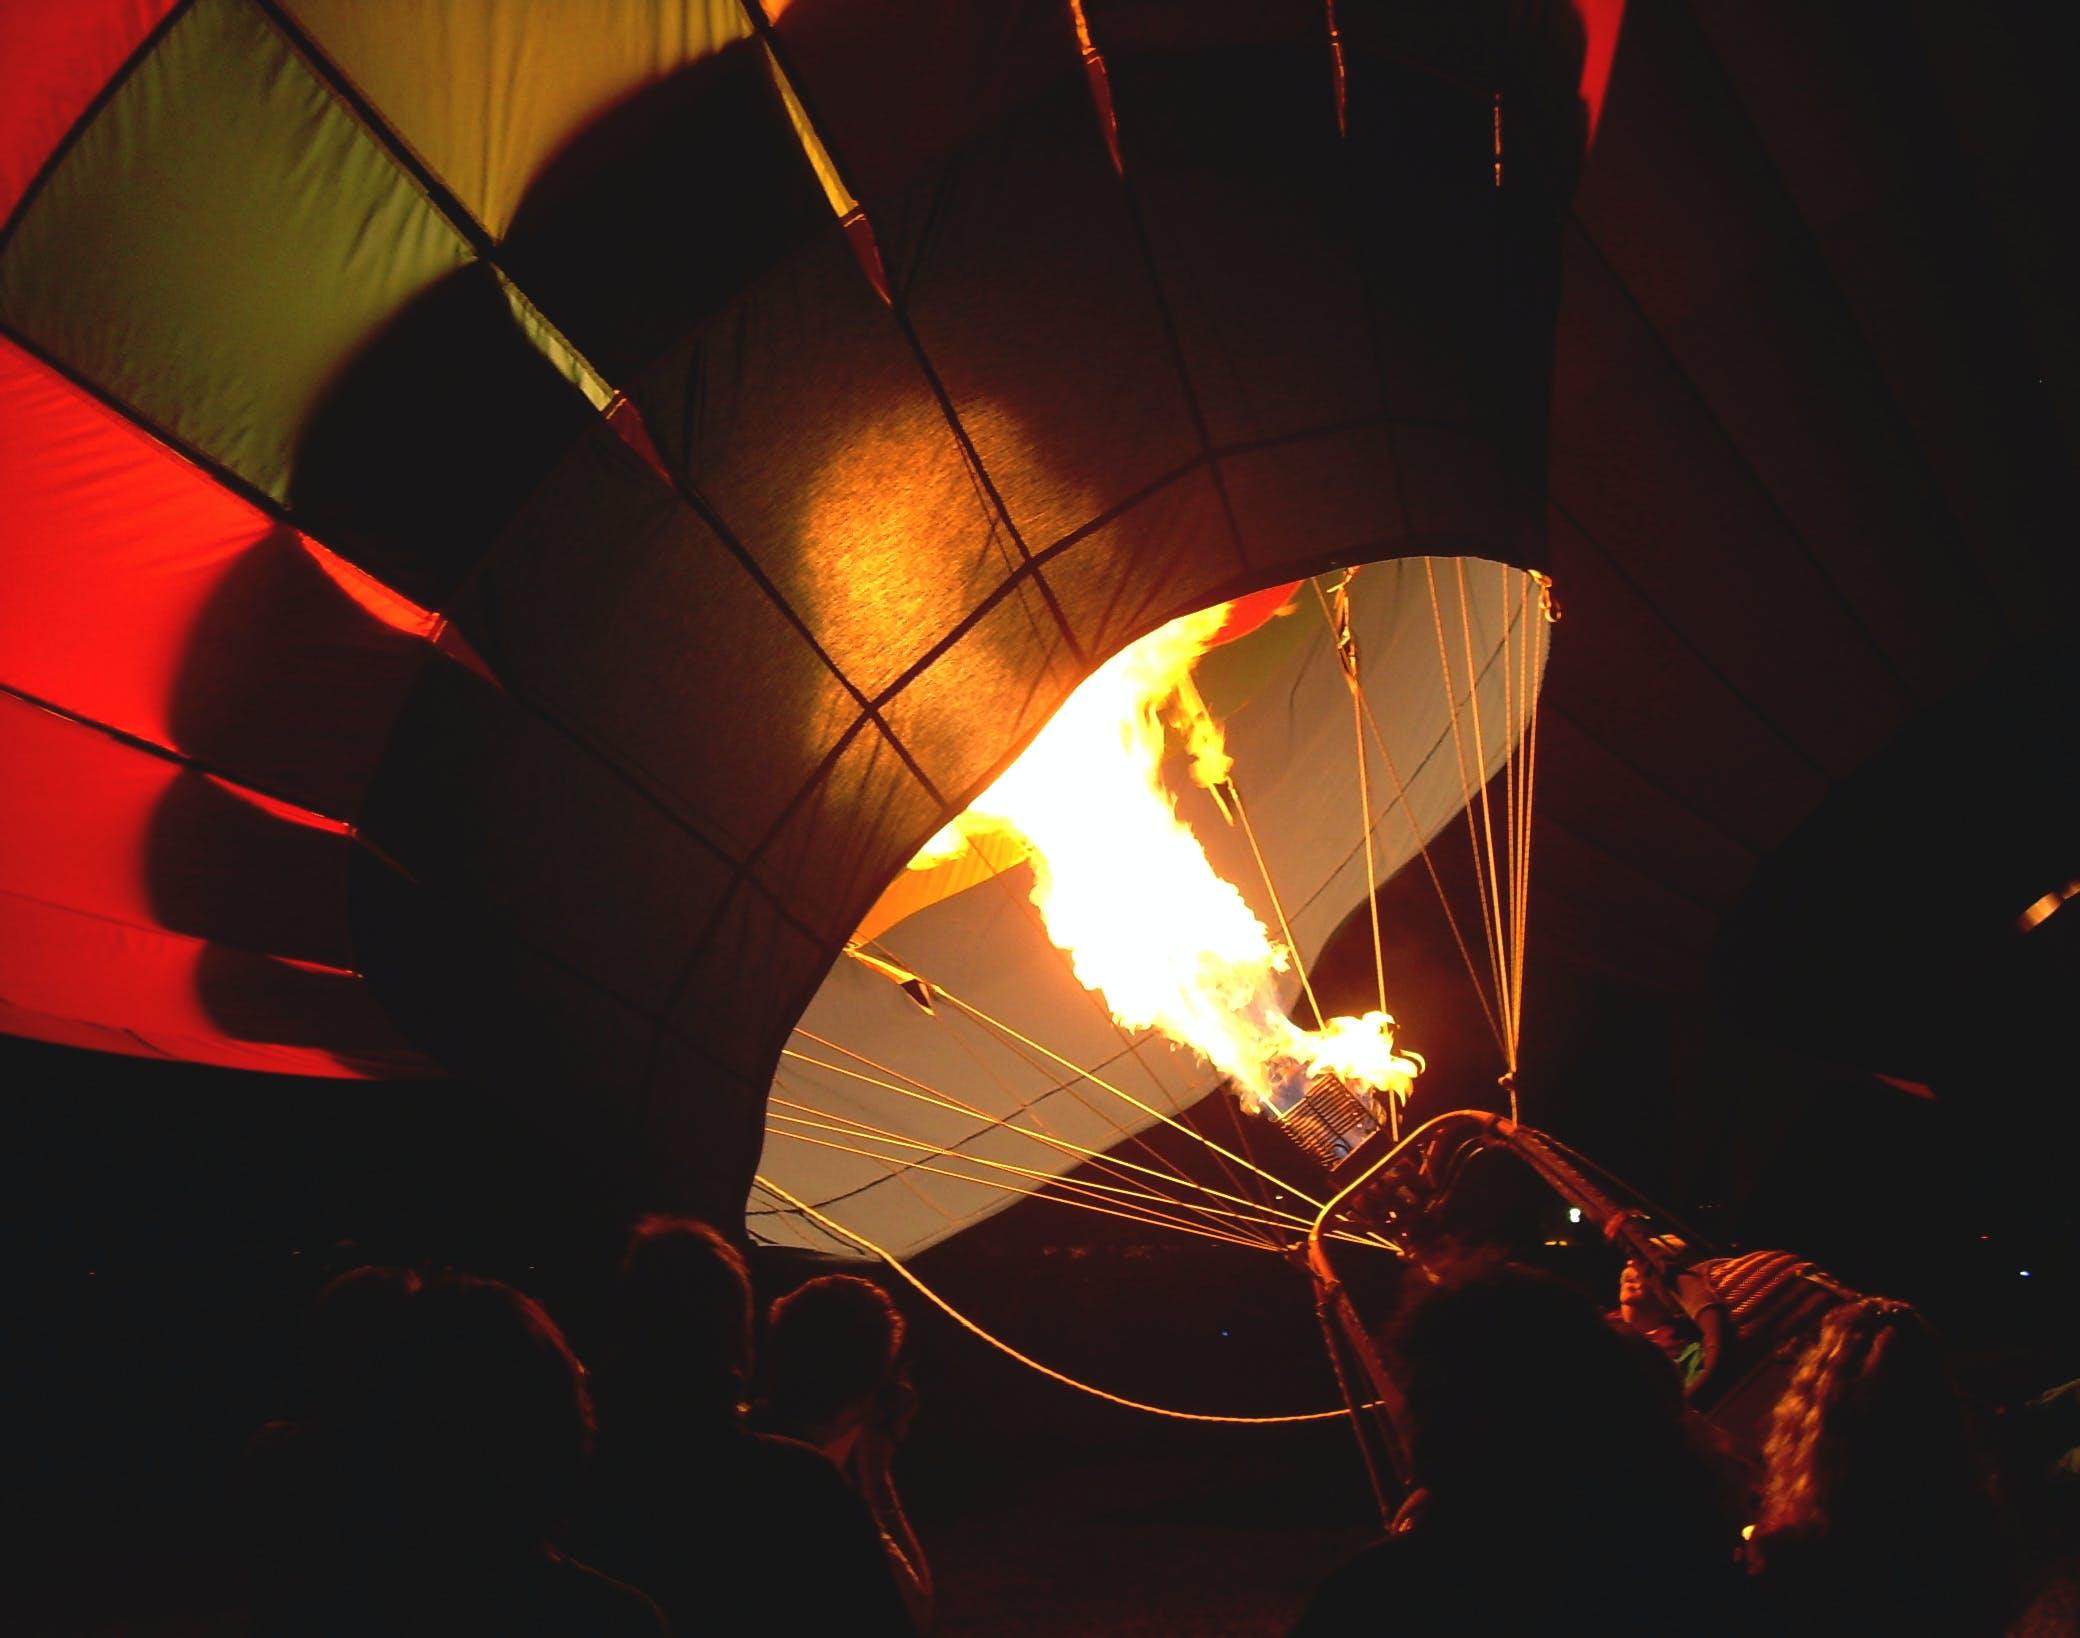 Free stock photo of balloon, dawn, fire, hot air balloon